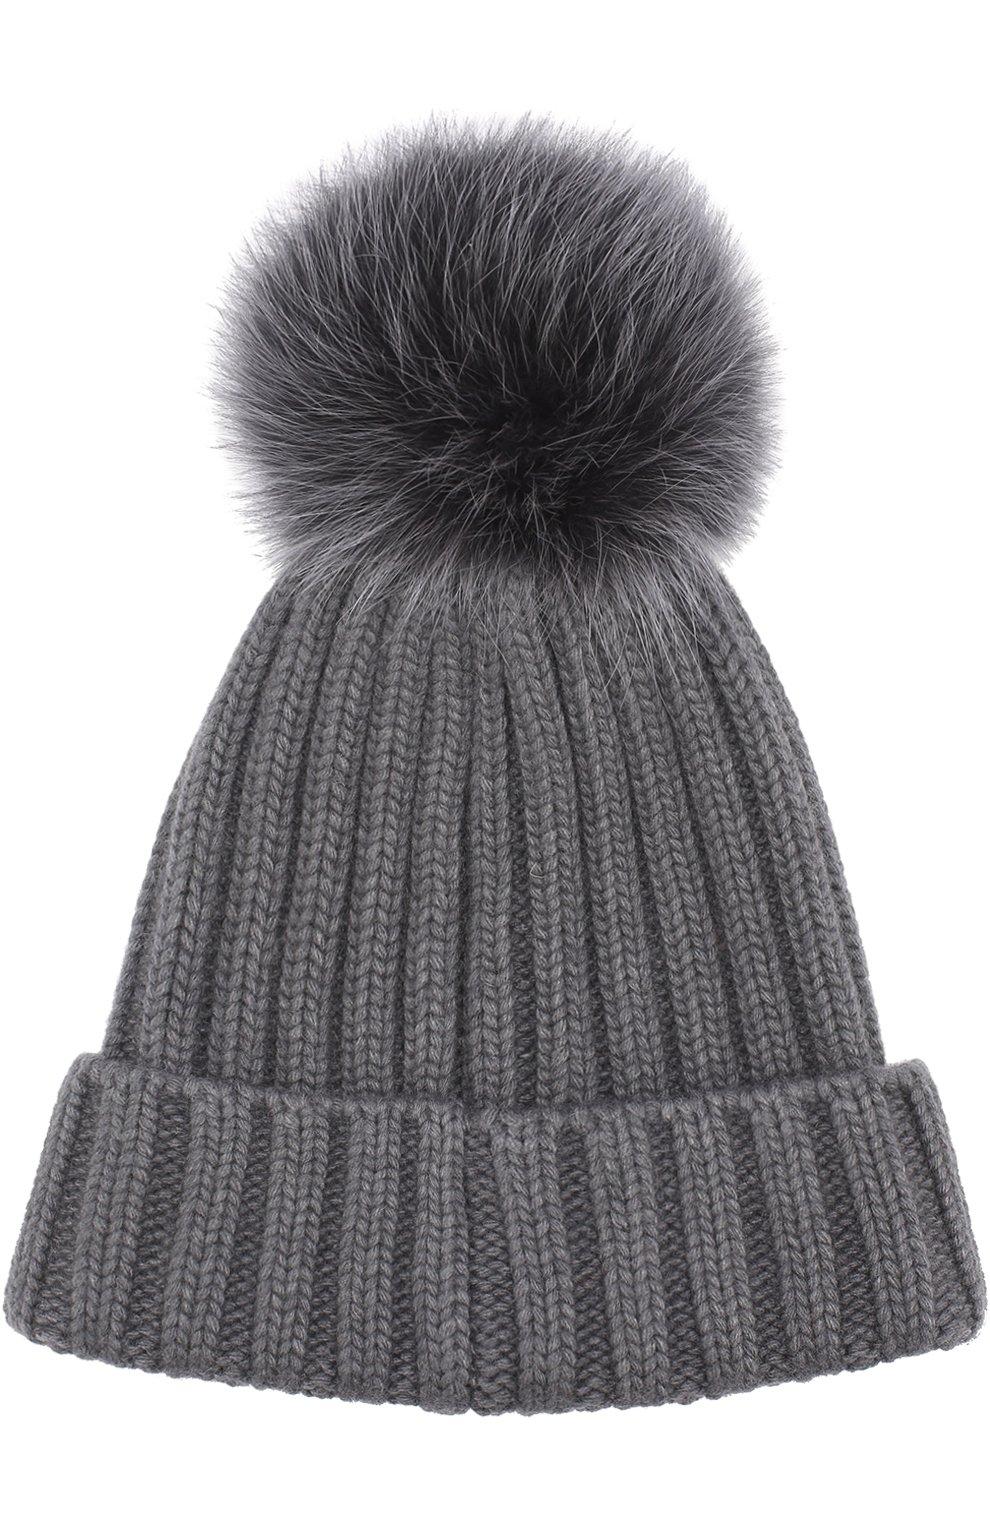 Вязаная шапка с помпоном из меха | Фото №2